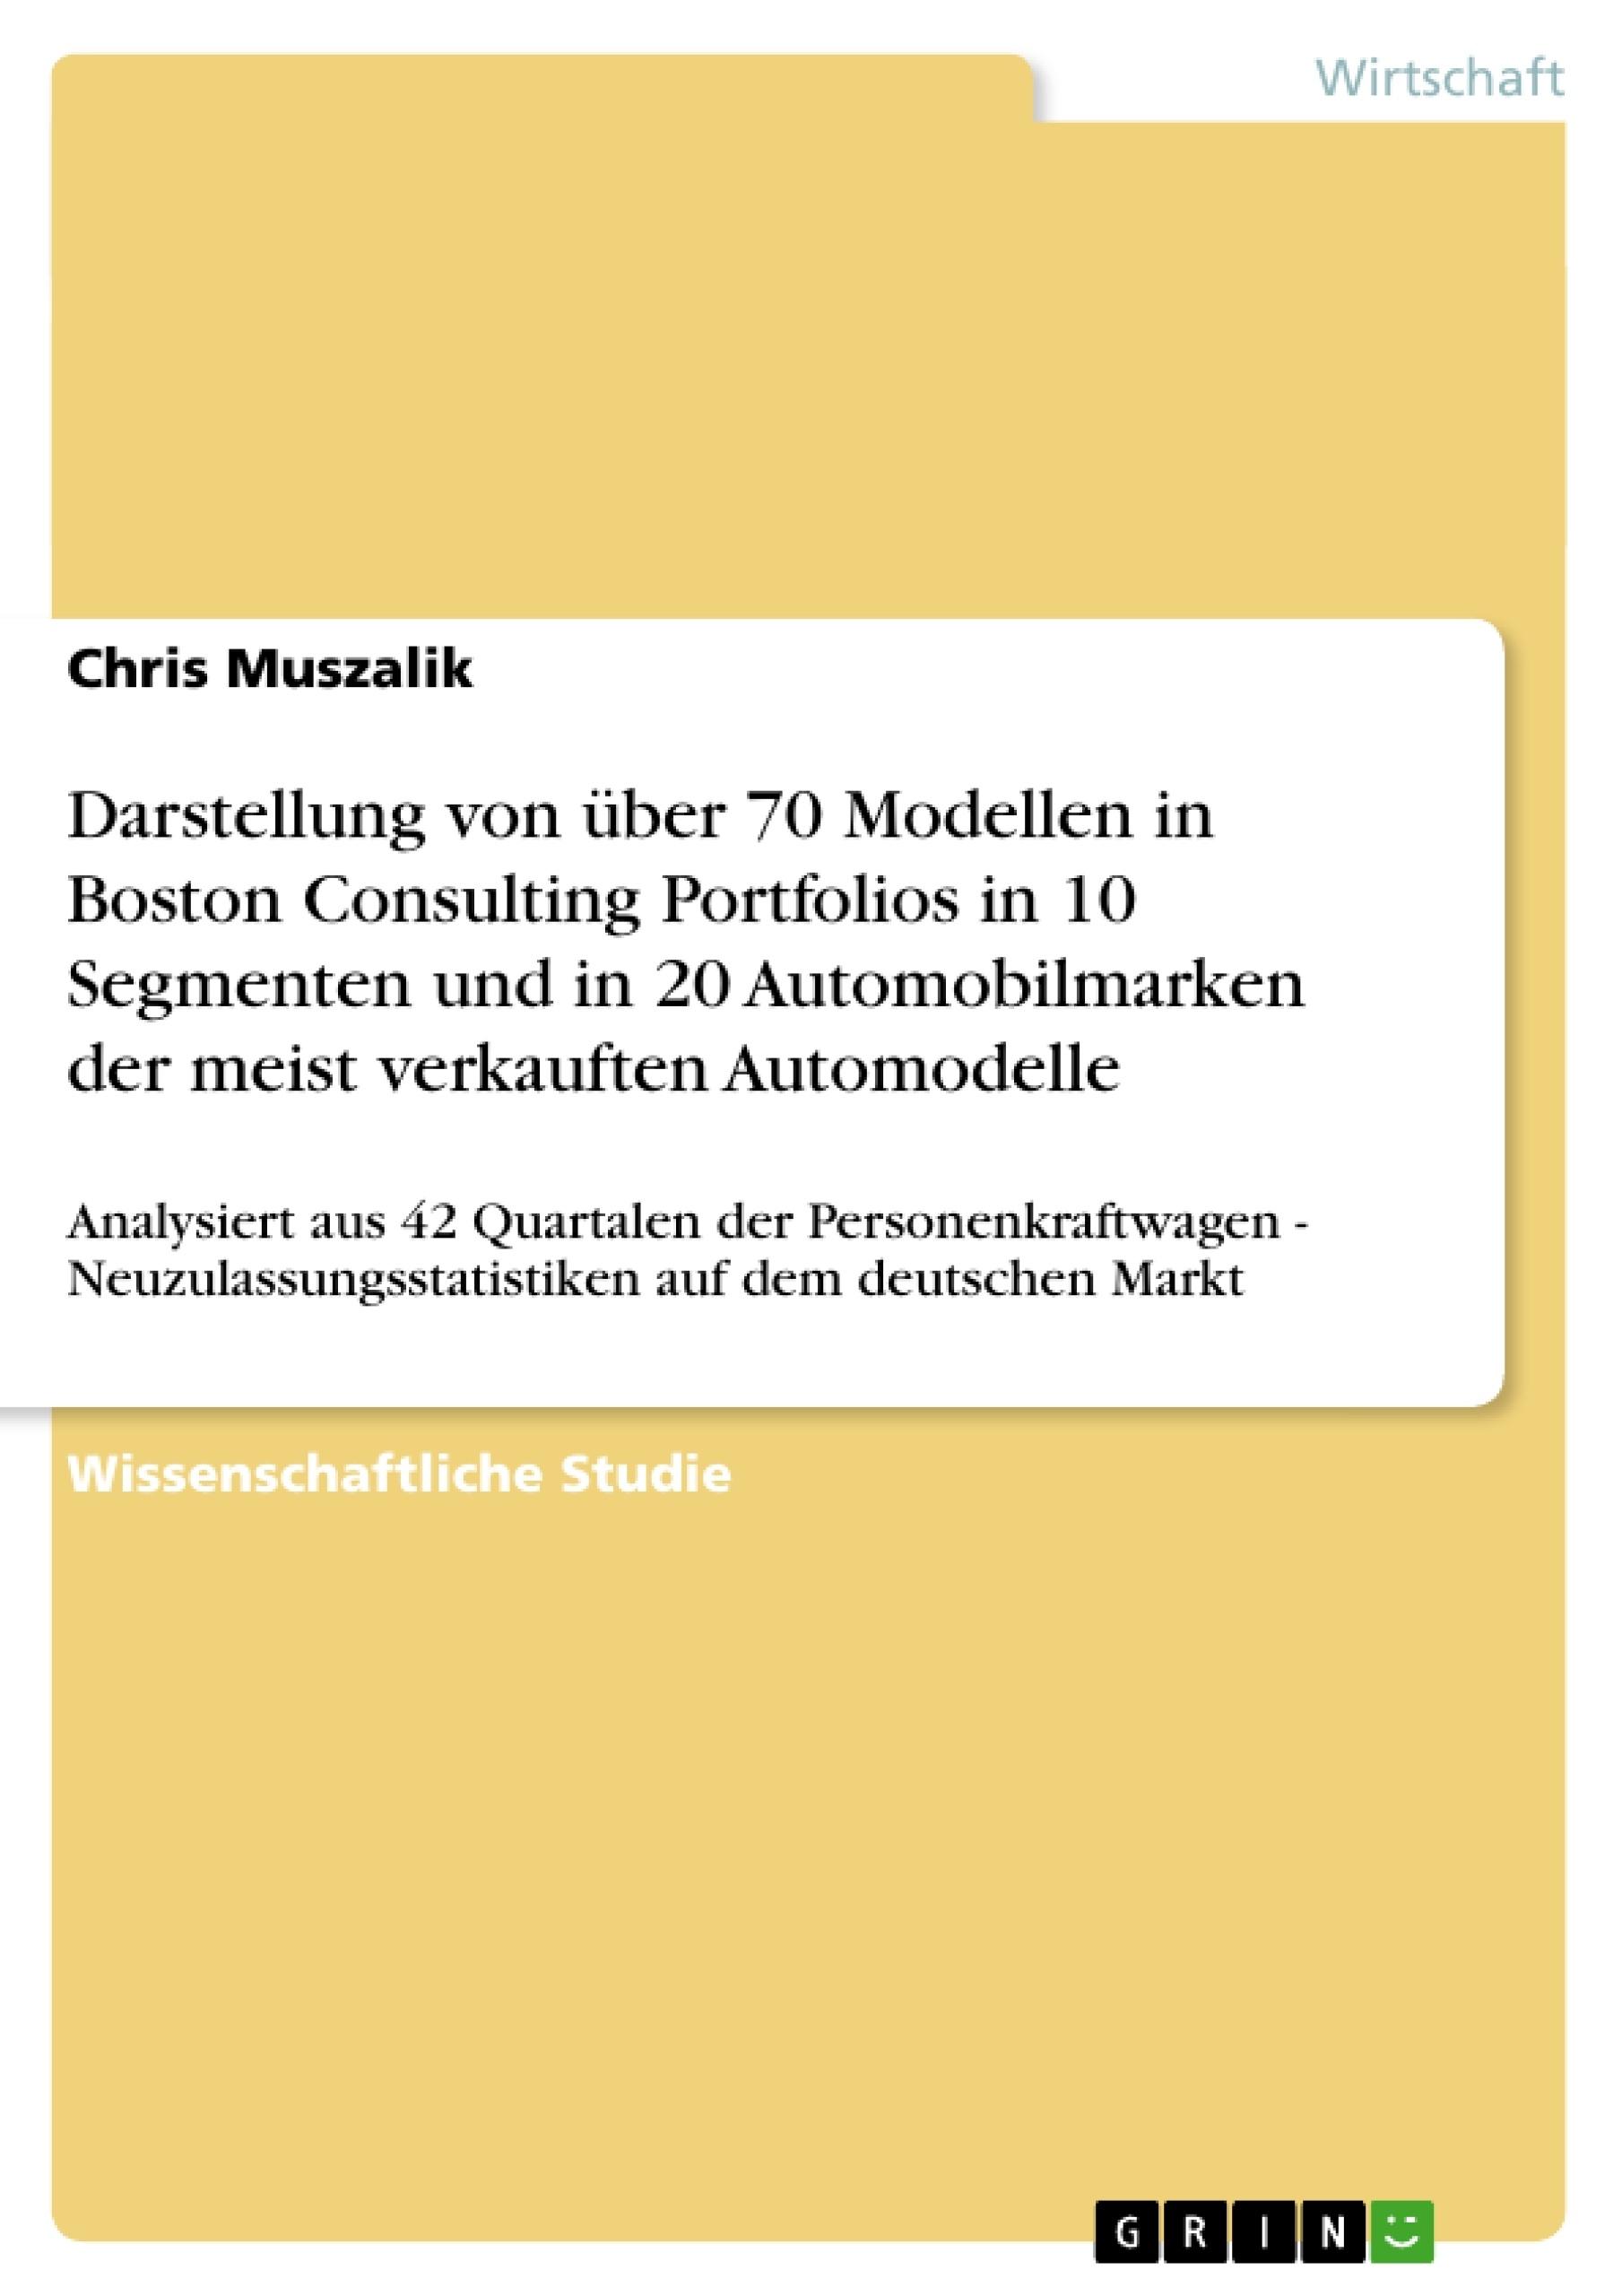 Titel: Darstellung von über 70 Modellen in Boston Consulting Portfolios in 10 Segmenten und in 20 Automobilmarken der meist verkauften Automodelle